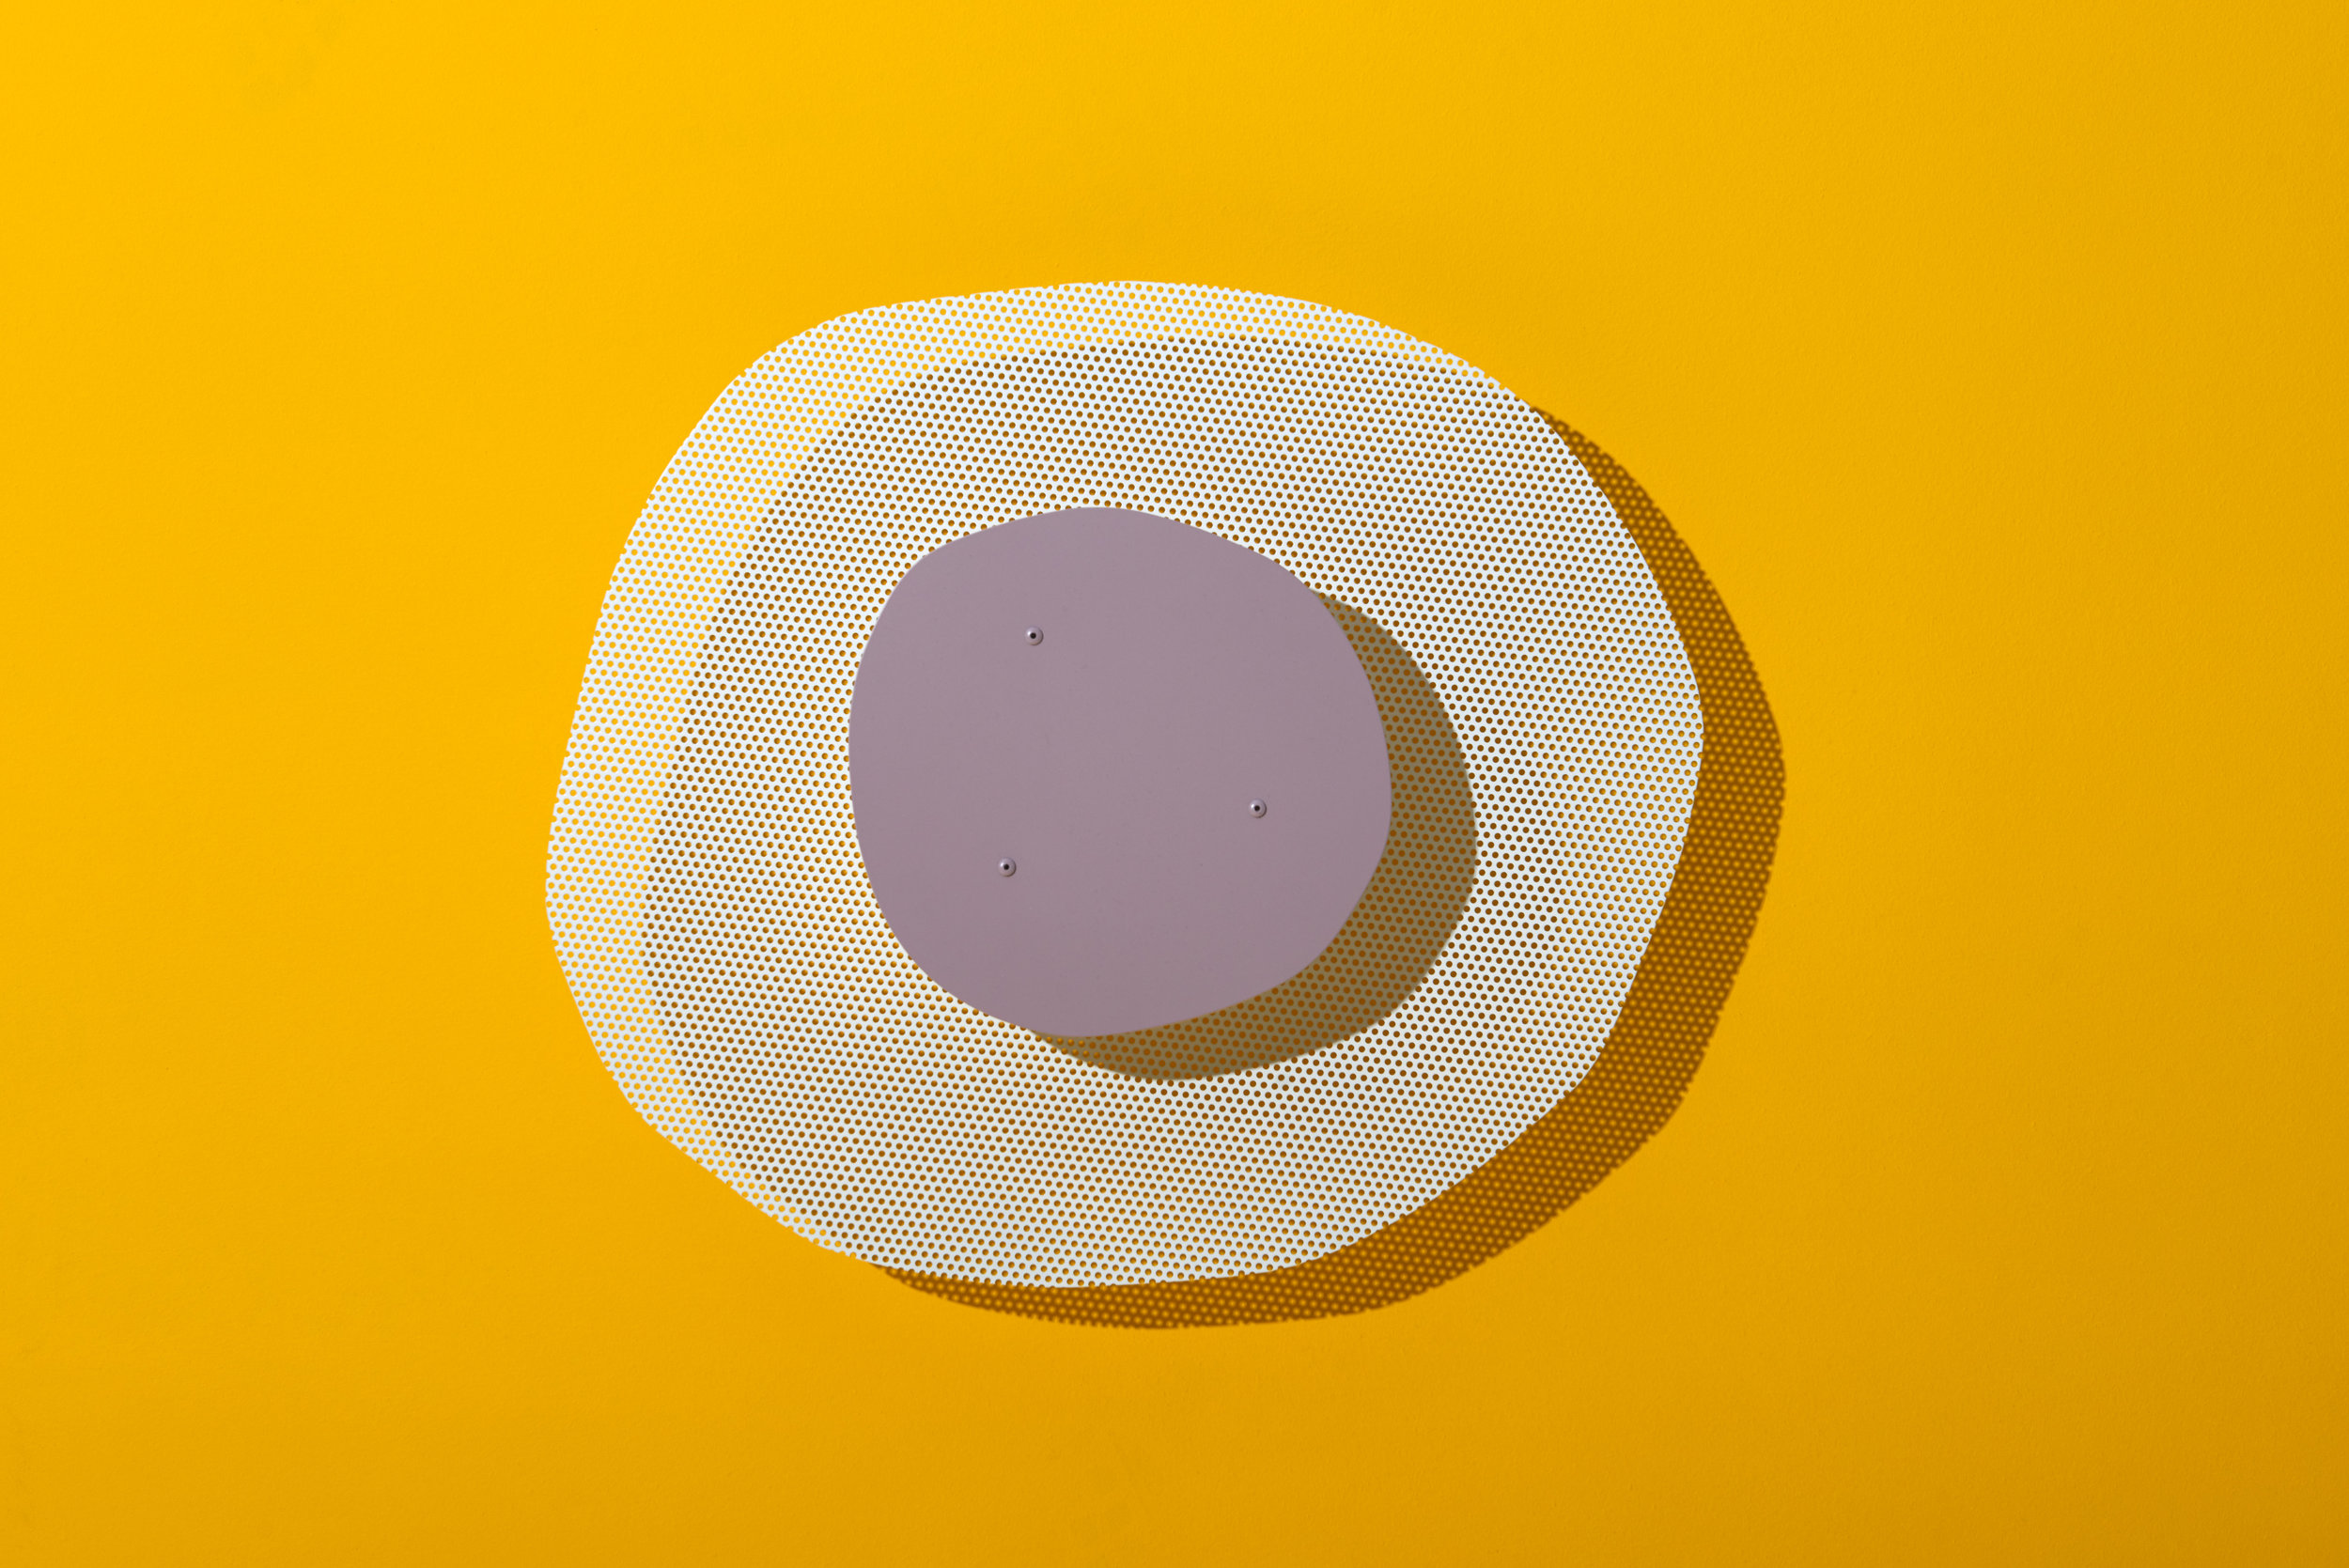 POPPY_Ceiling_Lamp_Frederik_Kurzweg_Design_Studio_02.jpg